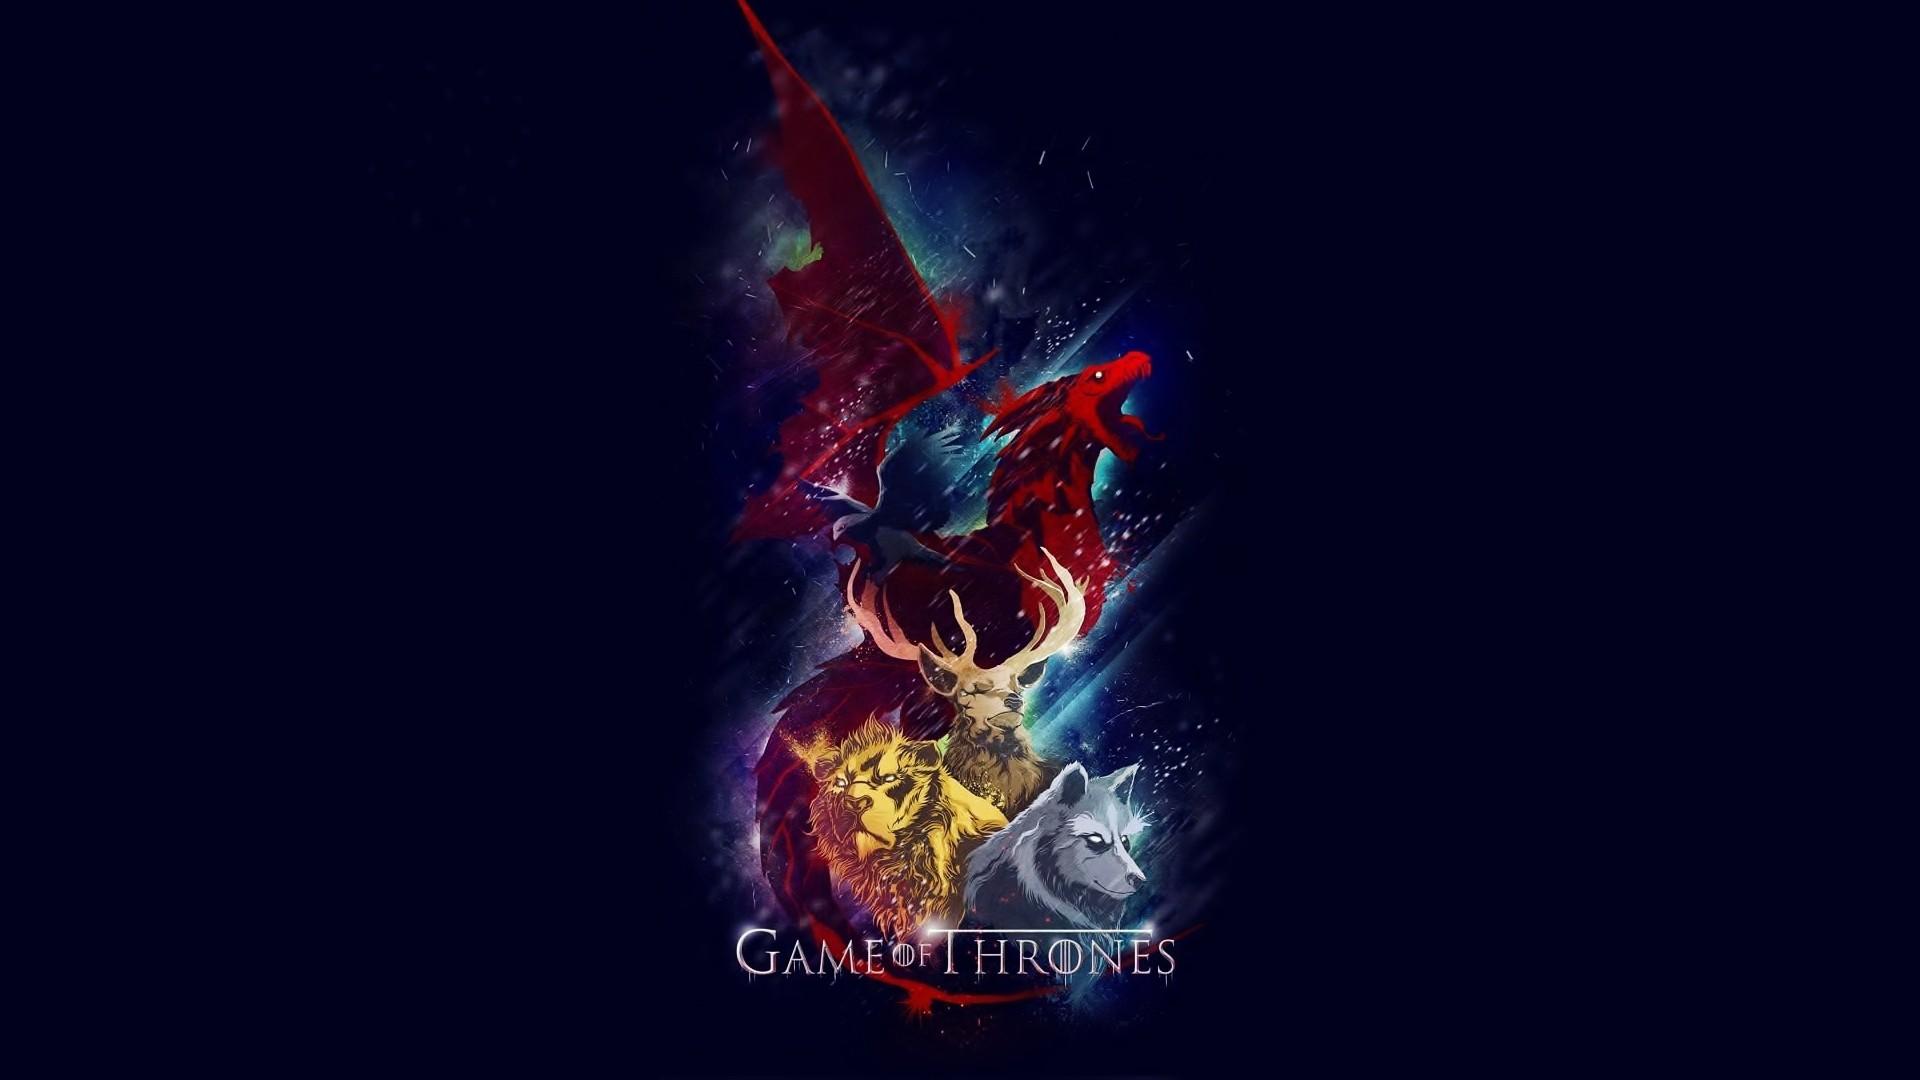 Artwork Deer Dragons Game Of Thrones House Baratheon Lannister Stark  Targaryen Lions TV Series Wolves …